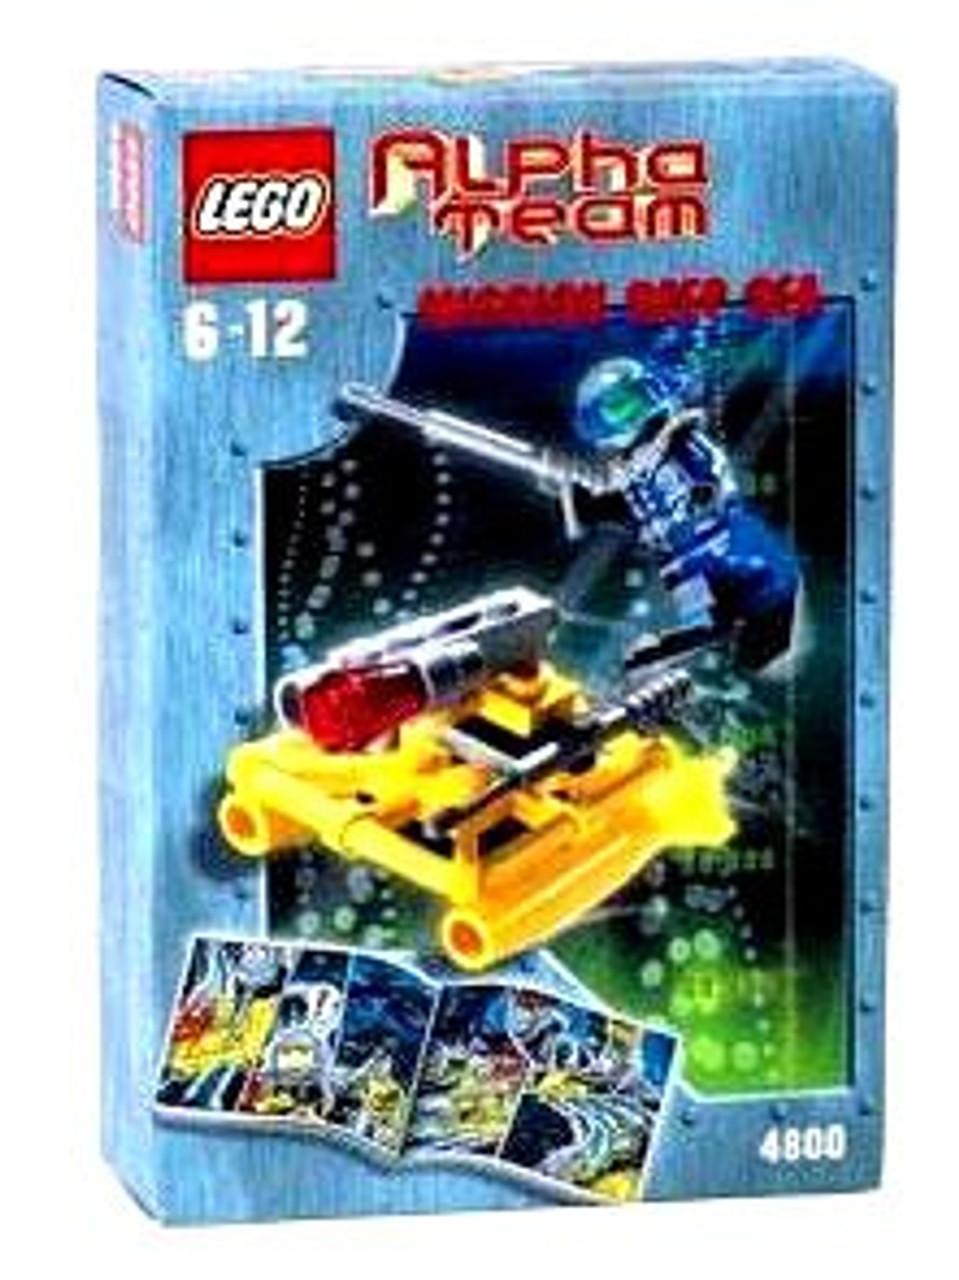 LEGO Alpha Team Mission Deep Sea AT Jet Sub Set #4800